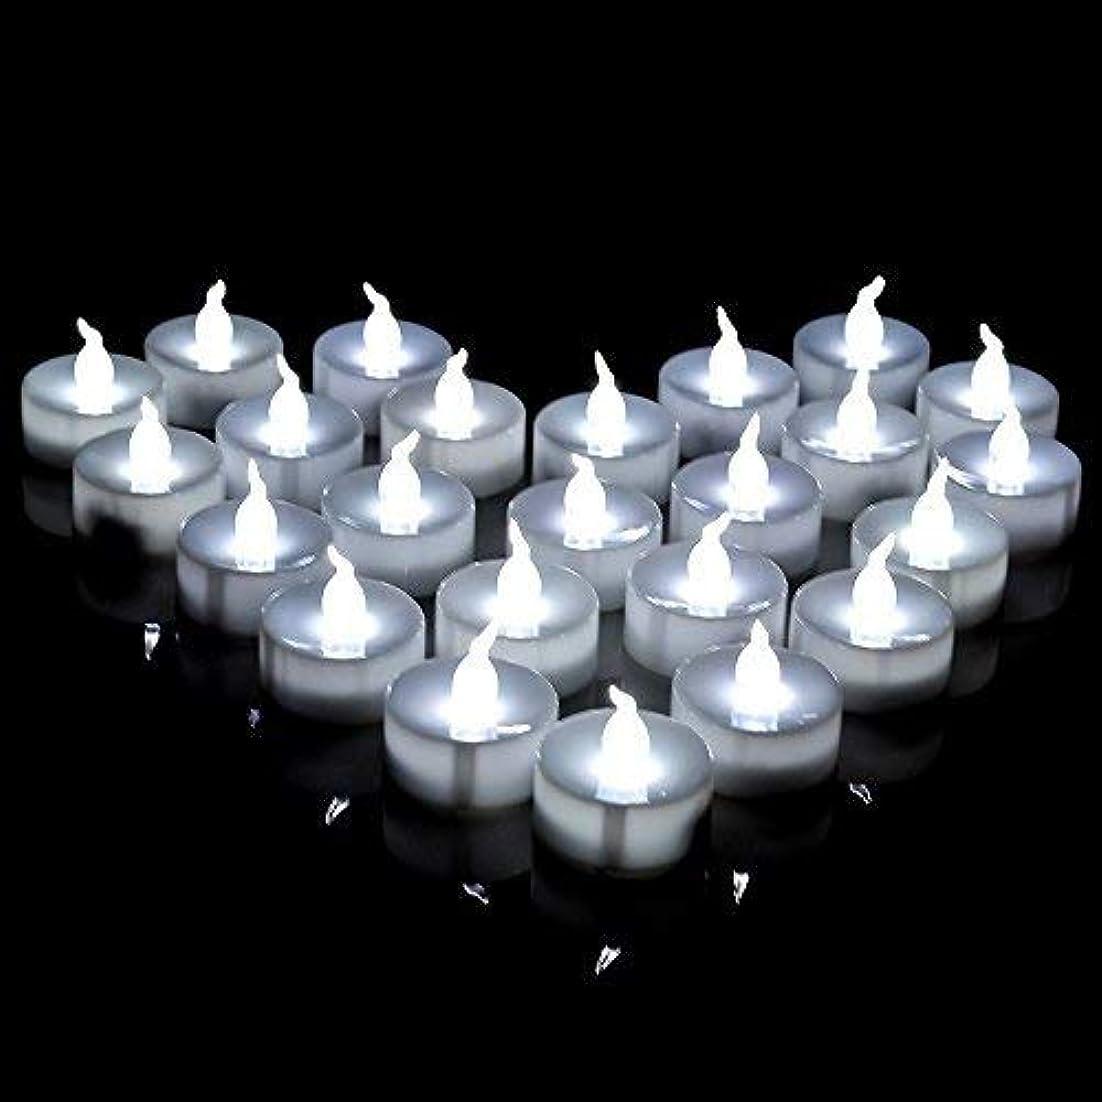 頑張る実施する発生AGPtEK LEDキャンドル キャンドルライト 100個セット 癒しの灯り 癒し炎 リアル感 火を使わない安全 省エネ 長持ち 便利 おしゃれ クリスマス 電池式 結婚式 誕生日 室内 室外室外飾り 祈願 教会インテリアライト